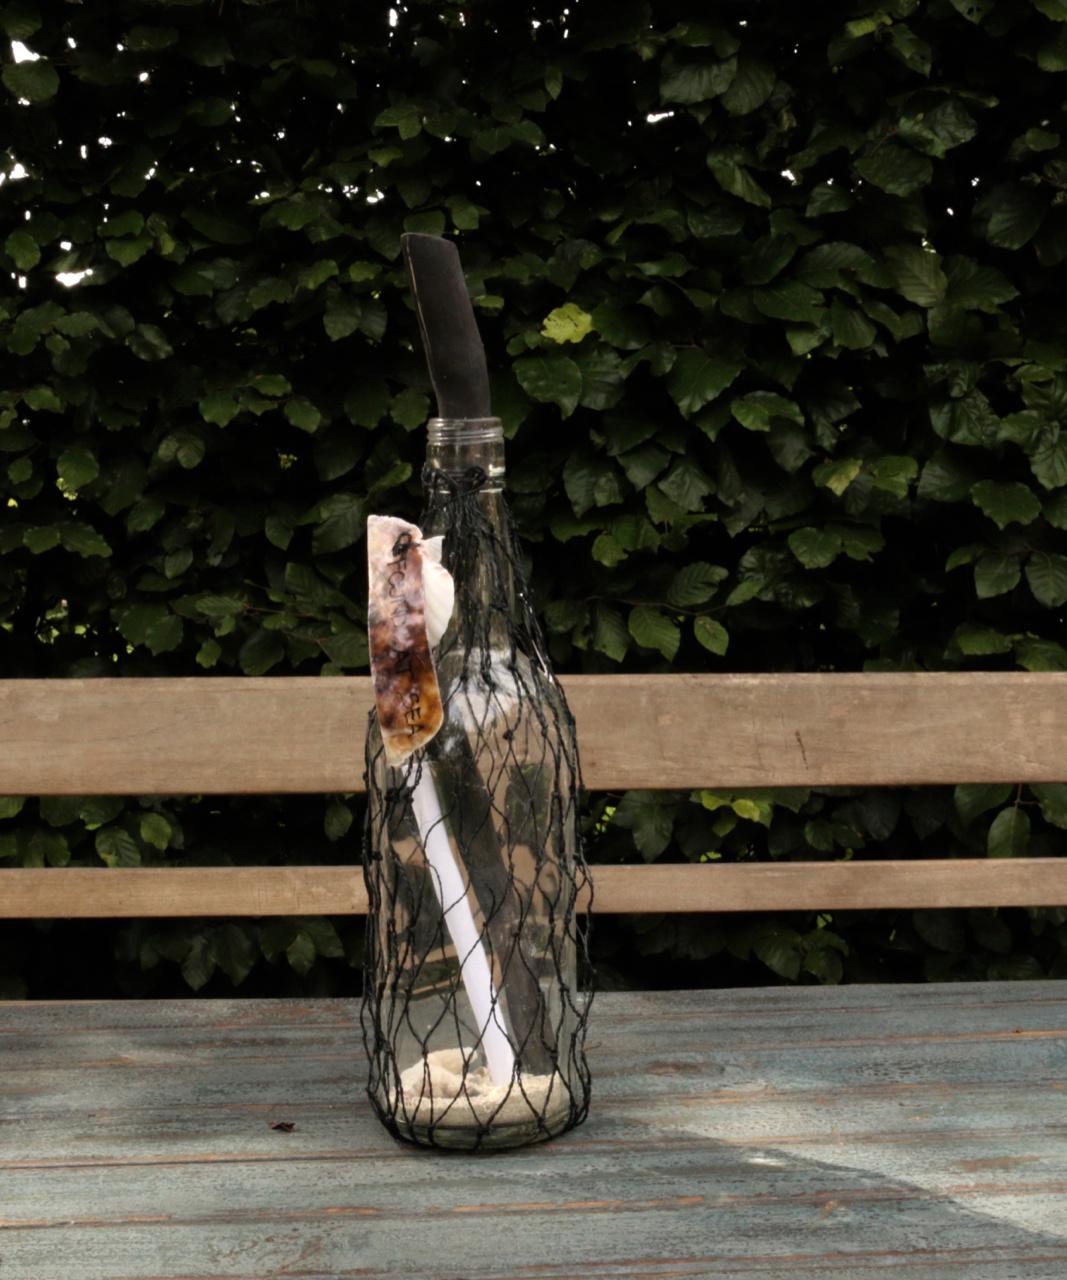 Bottle post bottle in net tied with a shell-1